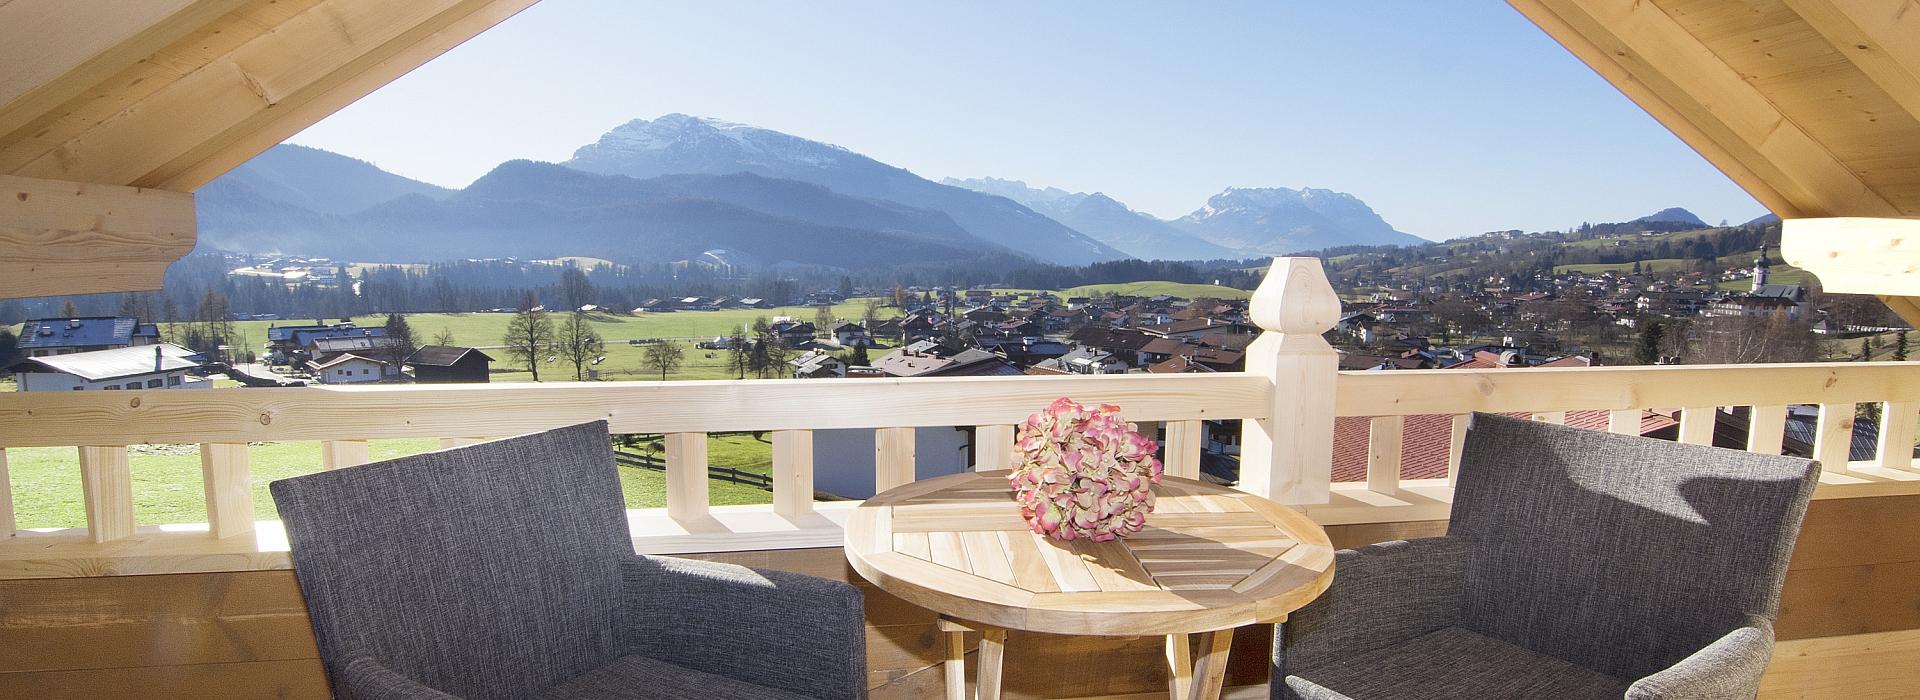 Ferienwohnung Neumaier Reit im Winkl, Blick von Balkon Kaiserwinkl Suite